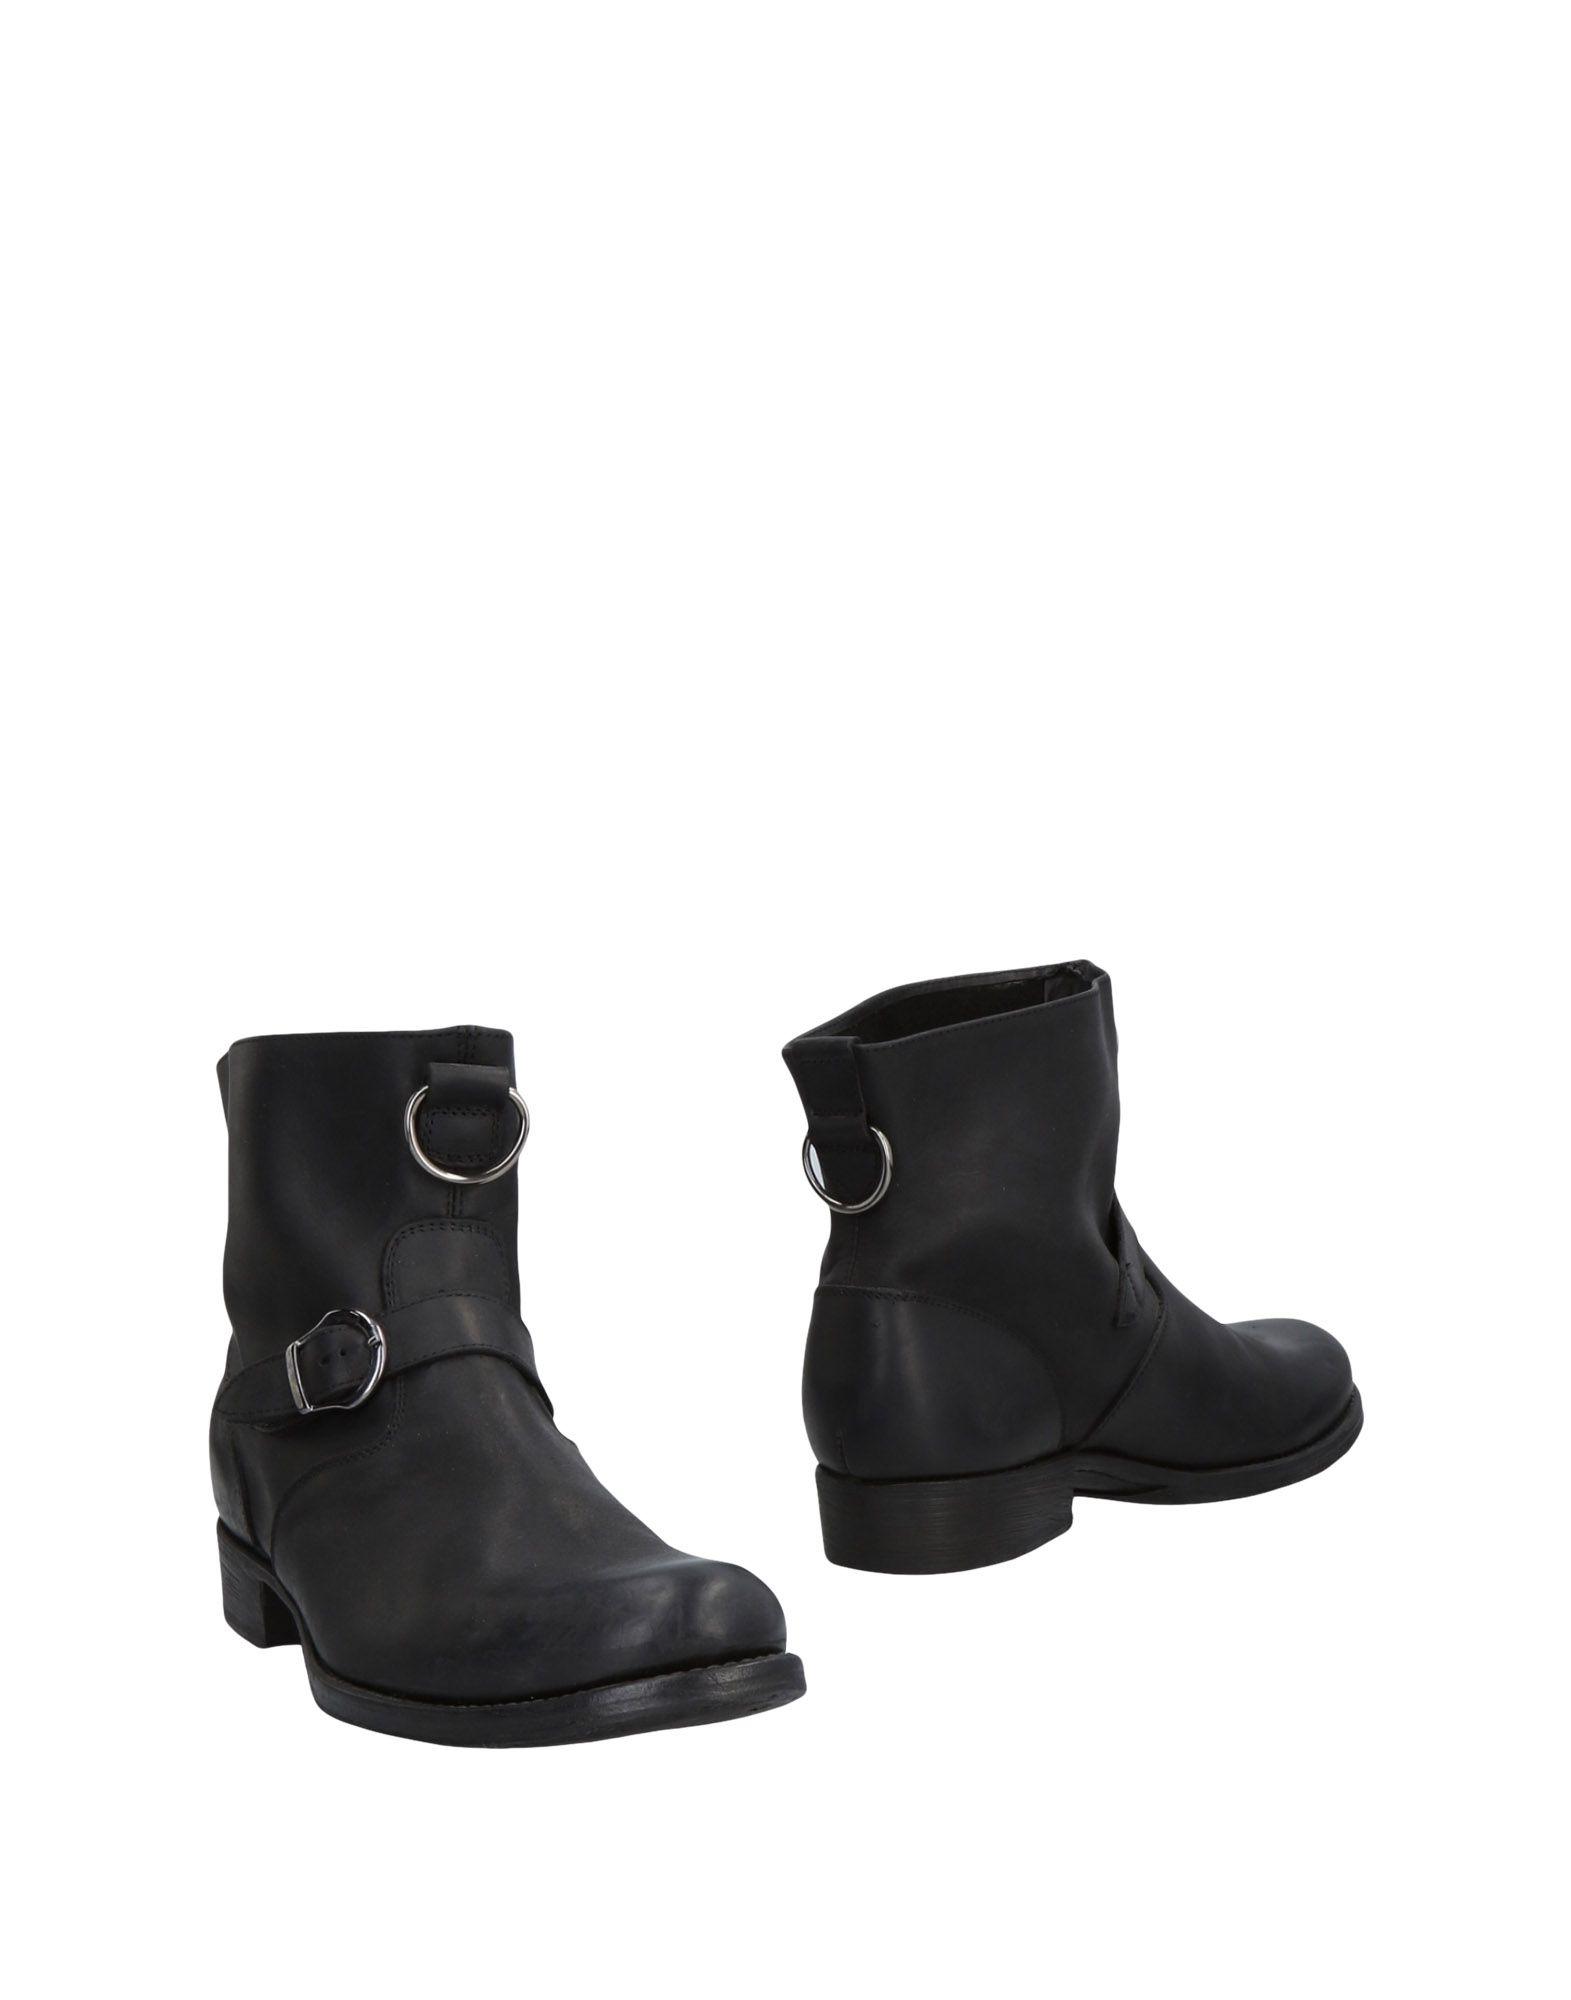 Giorgio Brato Stiefelette Herren  11461425DX Gute Qualität beliebte Schuhe